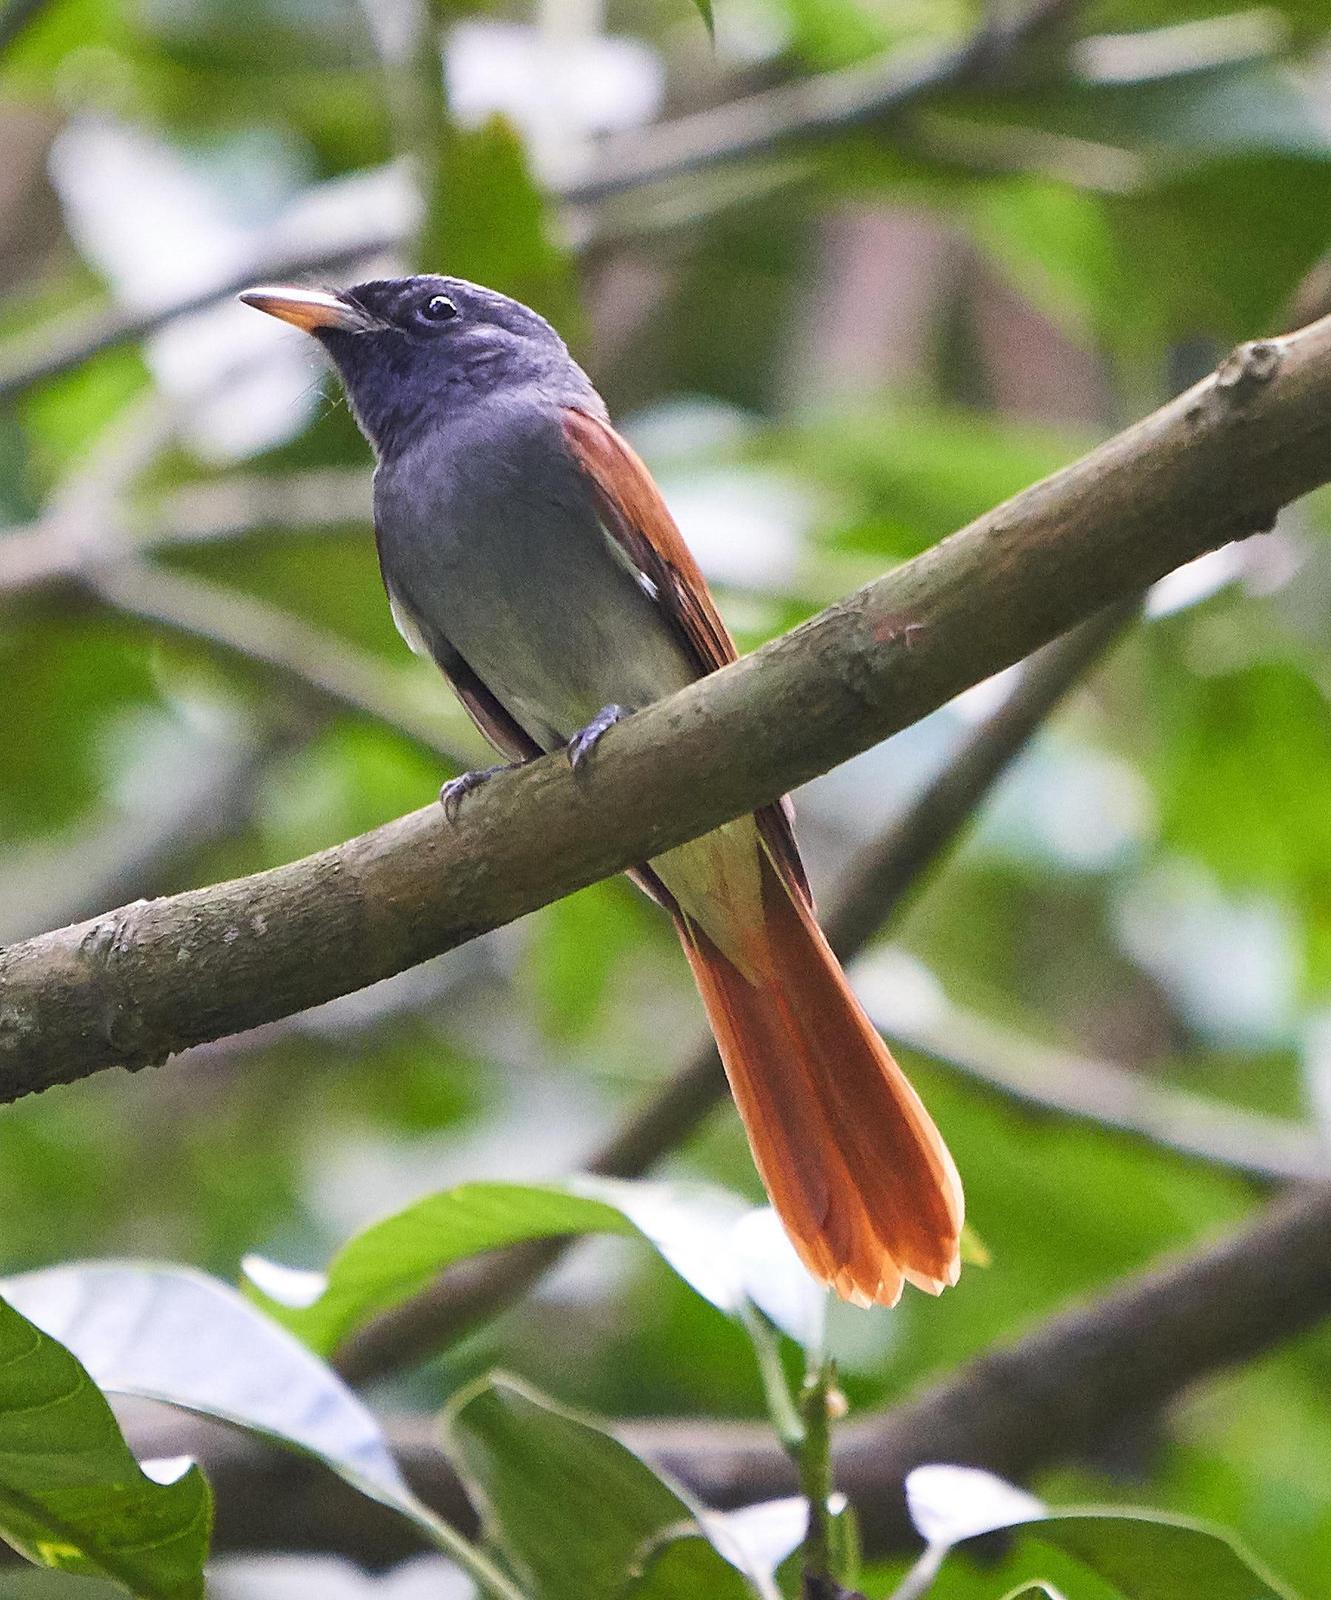 Blyth's Paradise-Flycatcher Photo by Steven Cheong